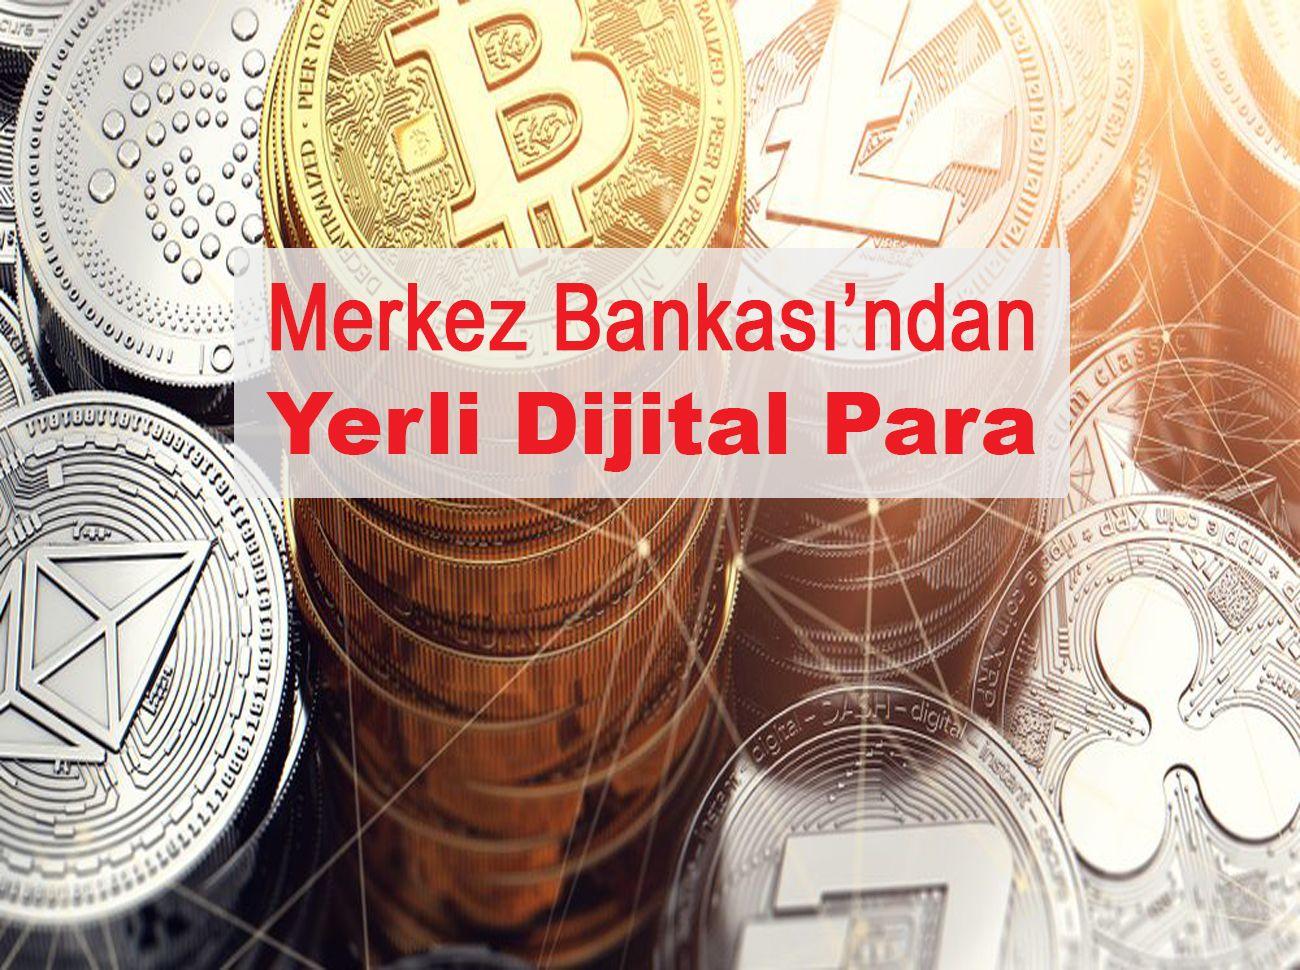 Merkez Bankası Yerli Dijital Para İçin Hazırlanıyor